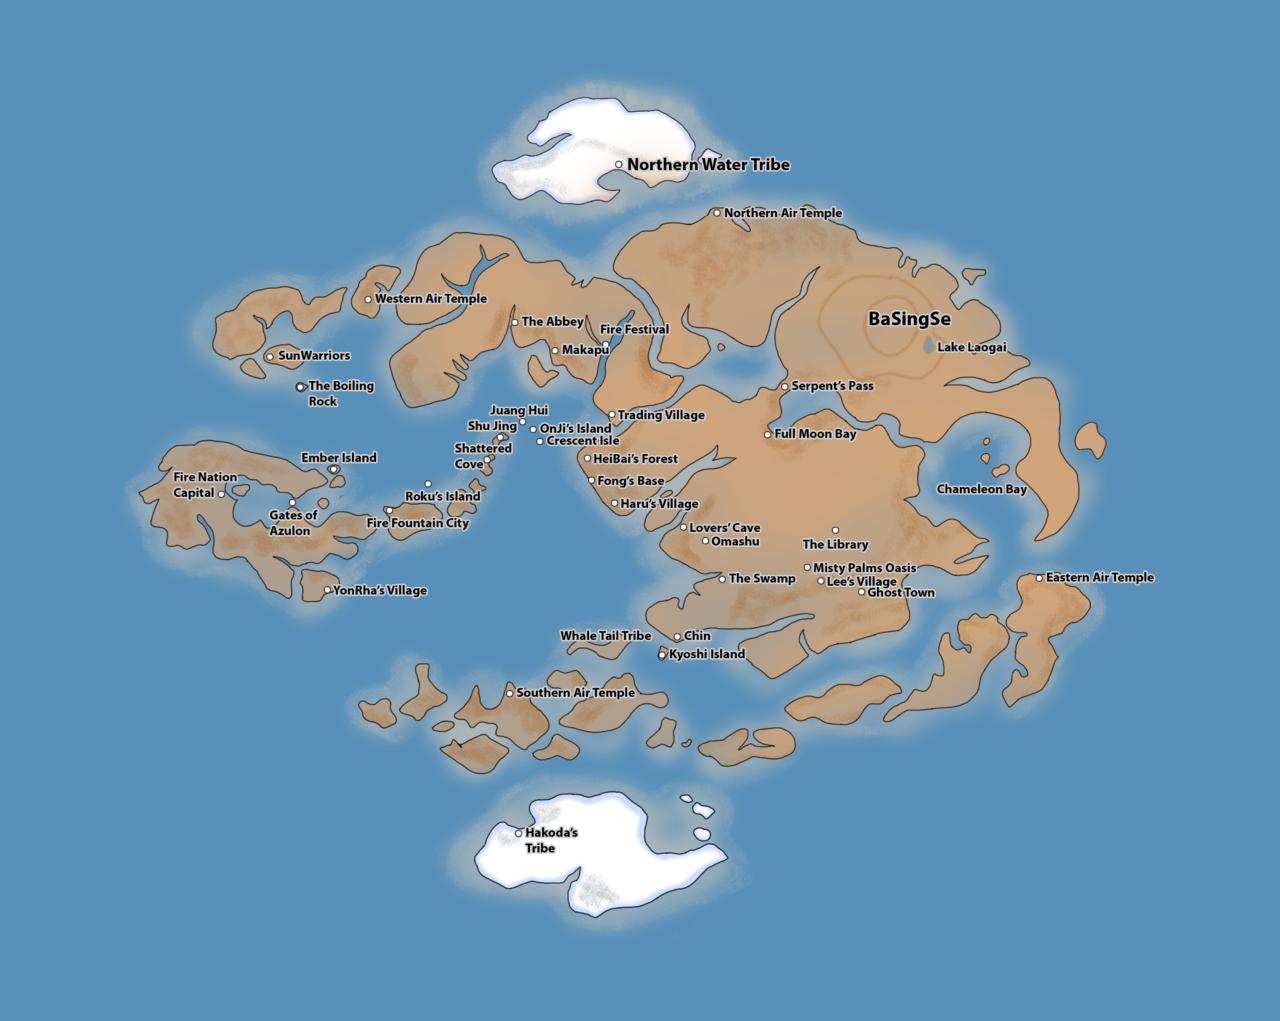 Avatar the Last Airbender Map by duniyadnd.deviantart.com on ...